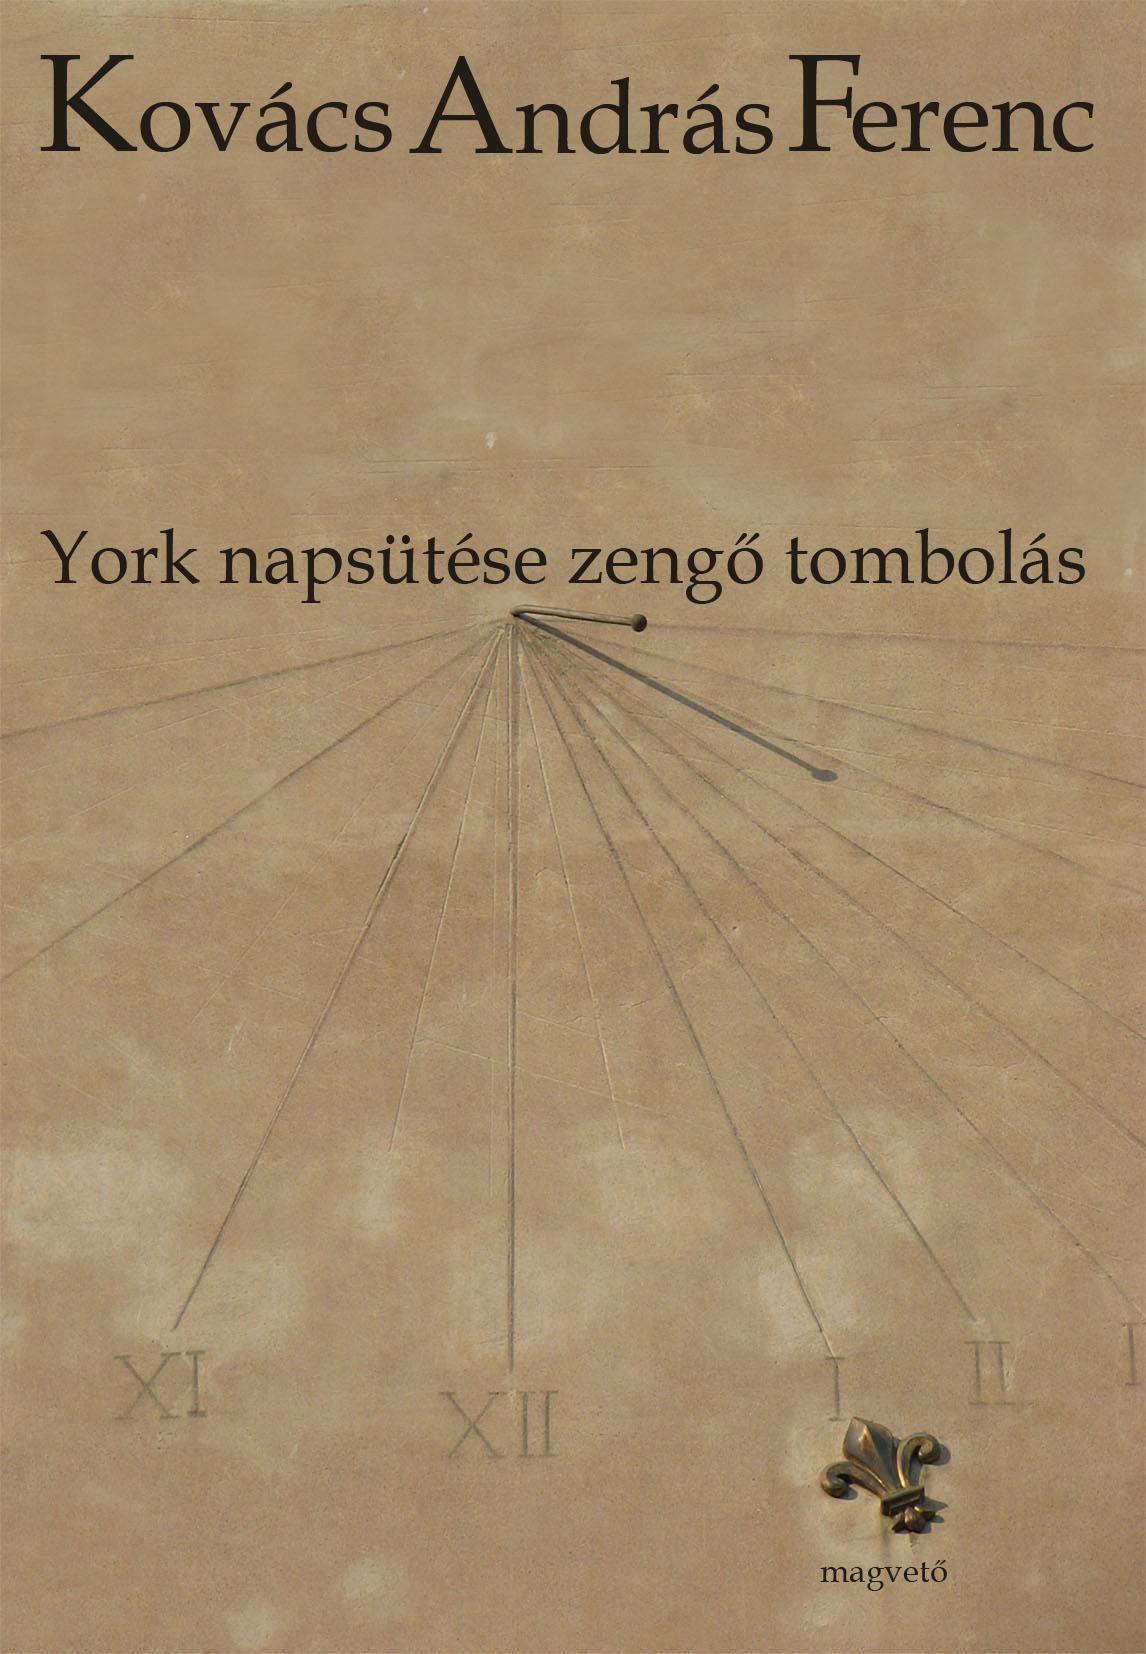 YORK NAPSÜTÉSE ZENGŐ TOMBOLÁS